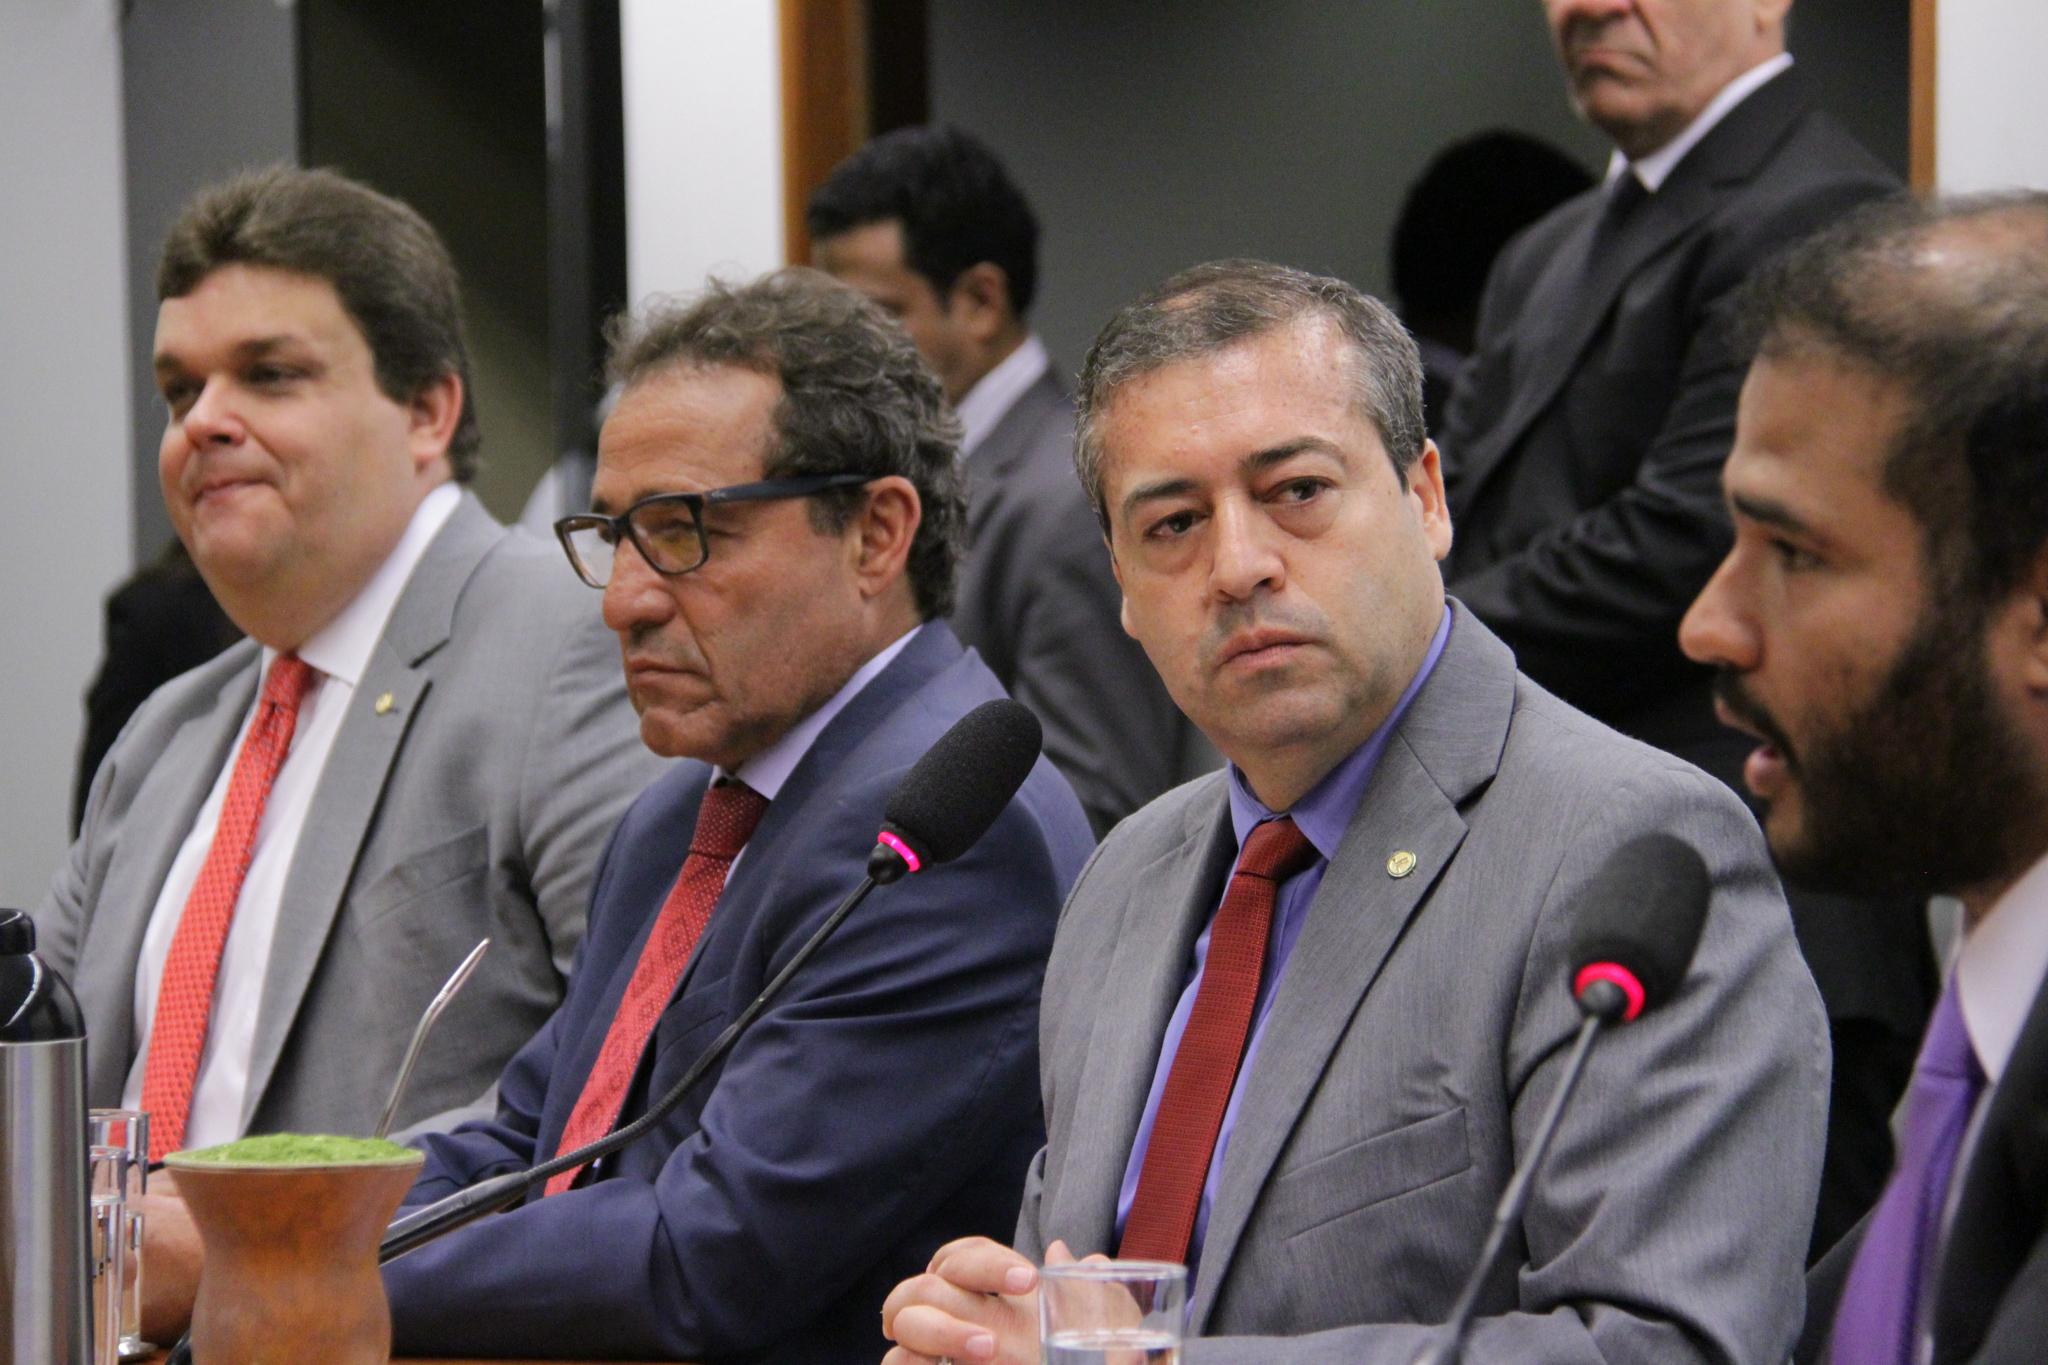 Ronaldo Nogueira é eleito por unanimidade para presidir a Comissão de Trabalho